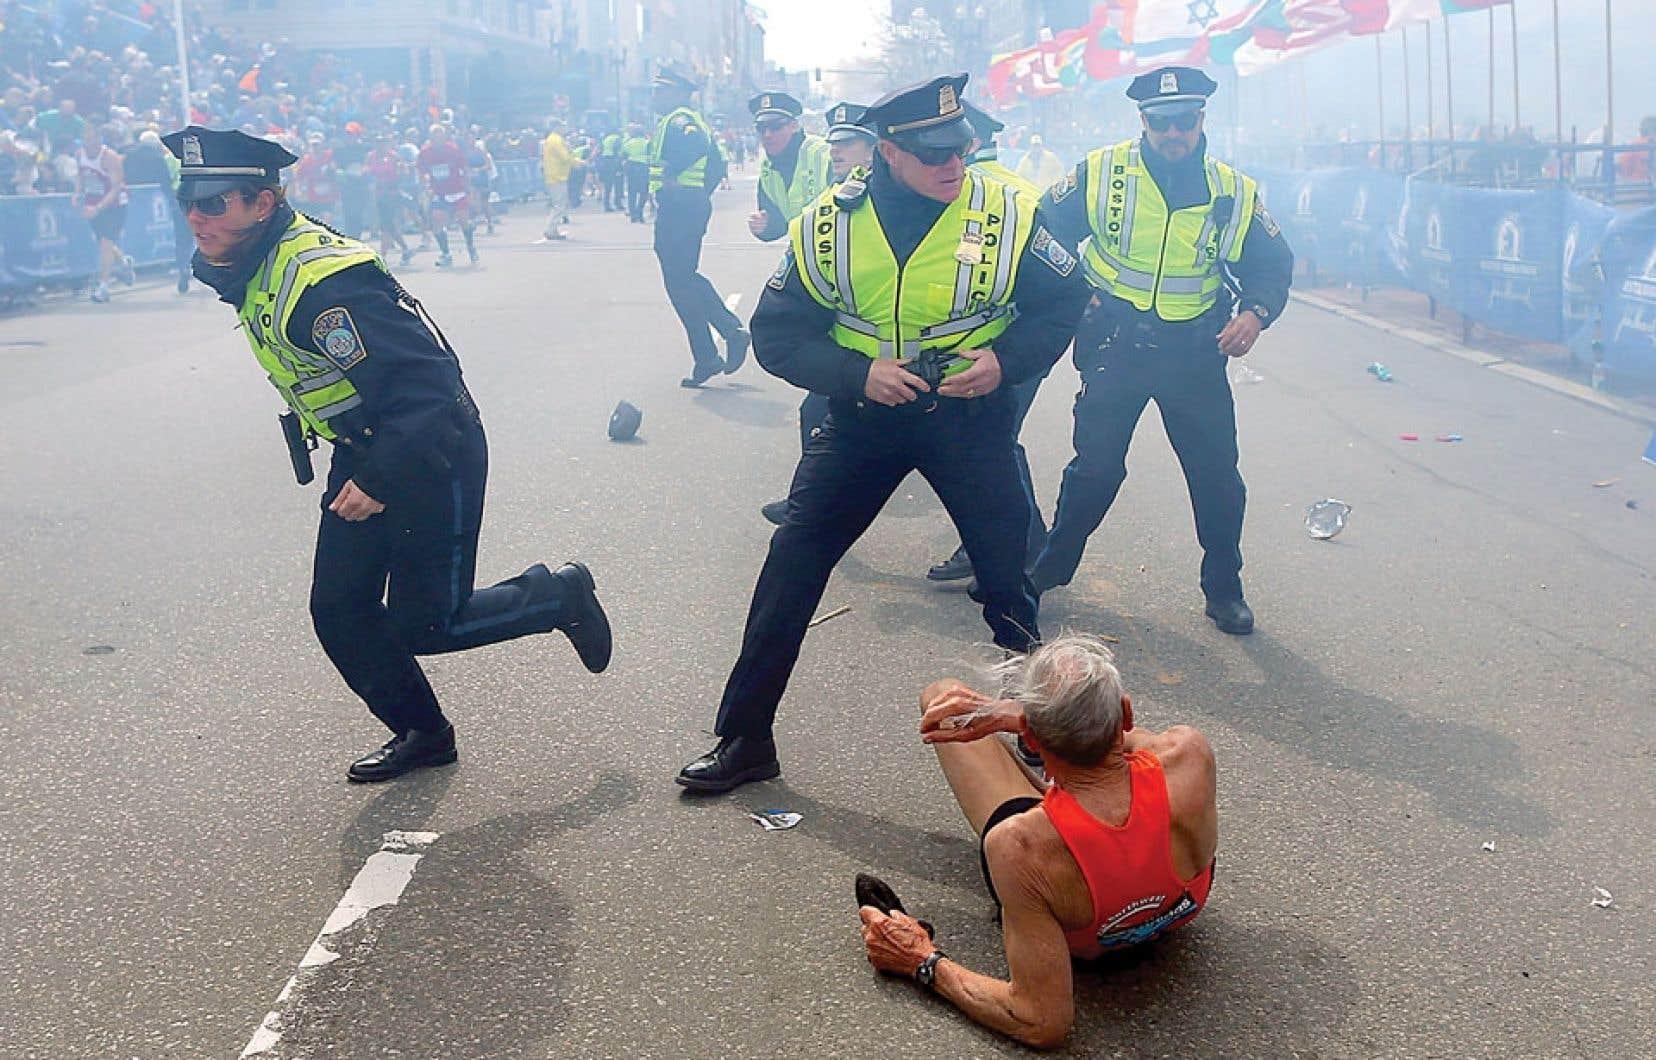 Un marathonien tombé par terre après l'explosion de la seconde bombe regarde des policiers courir autour de lui.